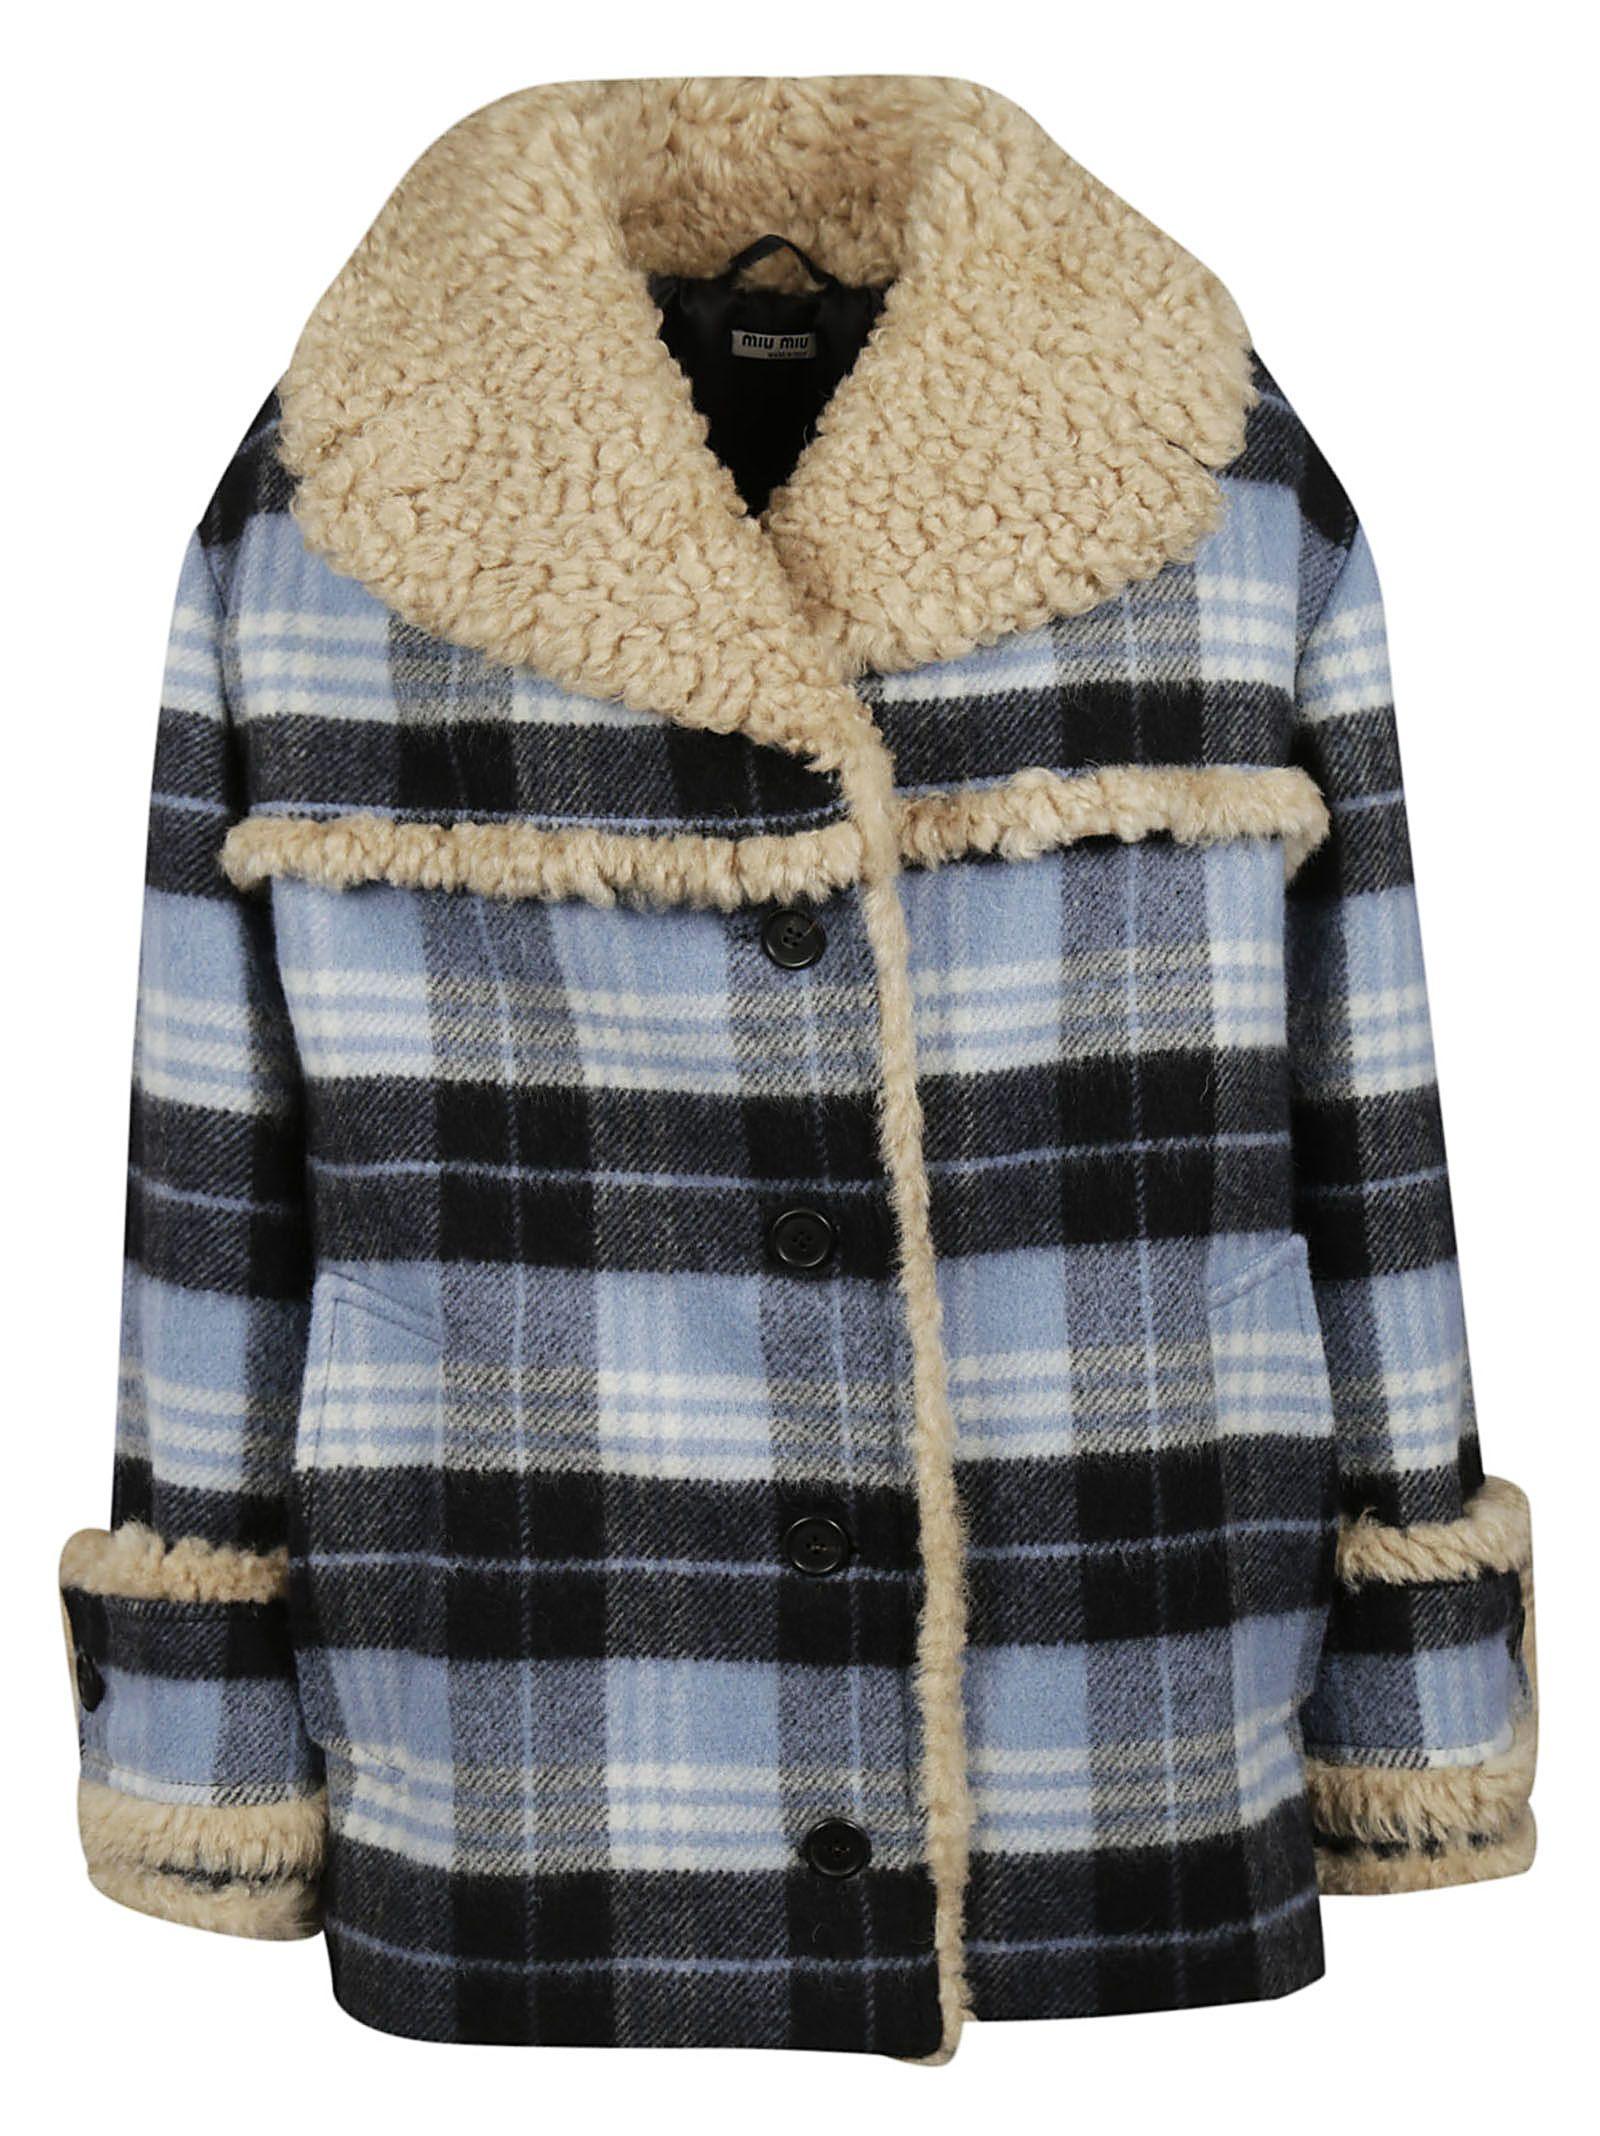 miu miu -  Oversized Printed Fur Jacket